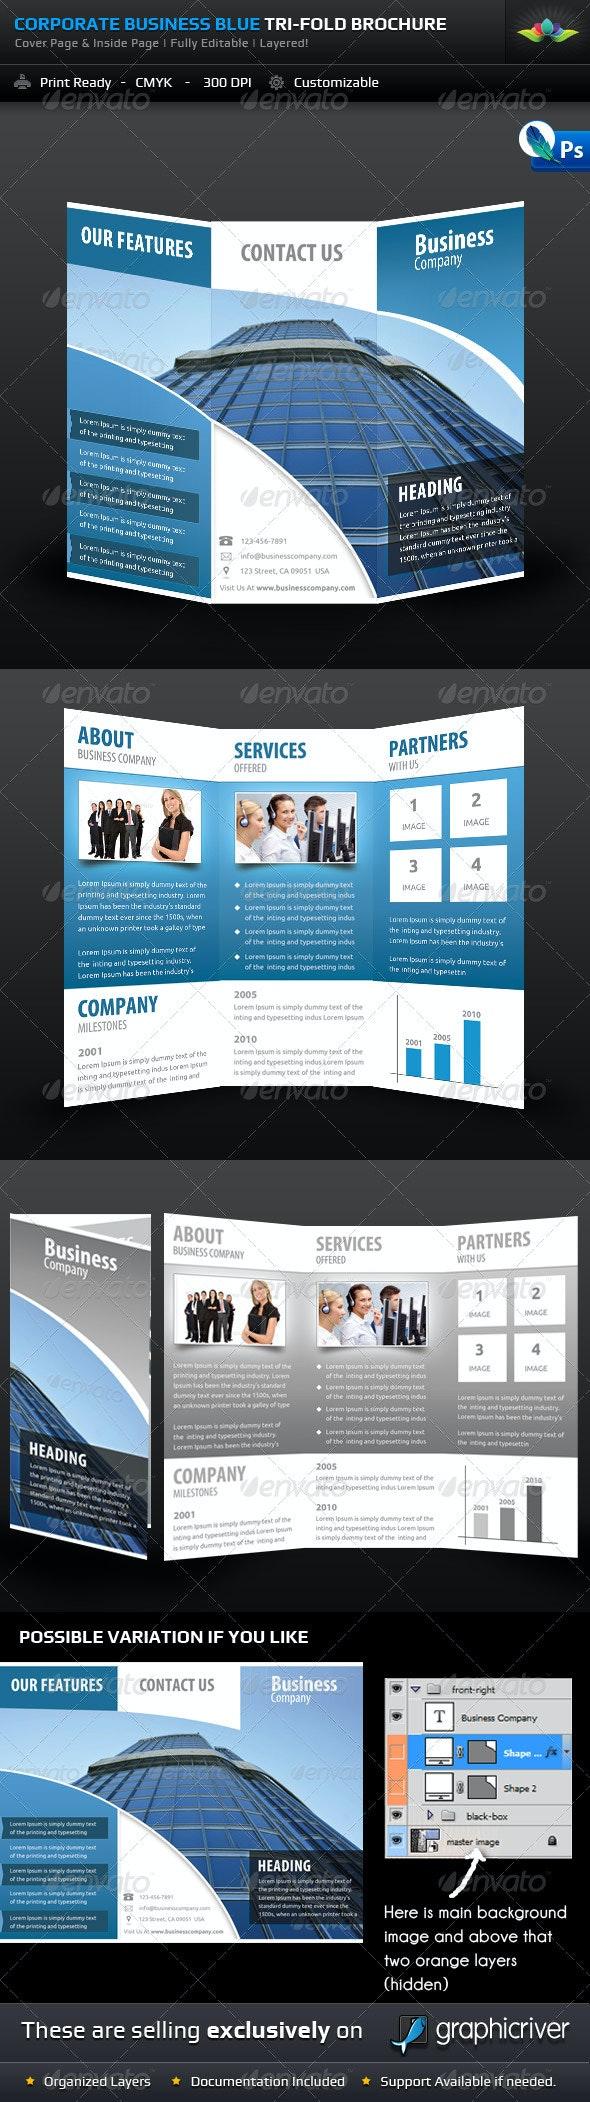 Corporate Business Blue Tri-Fold Brochure - Corporate Brochures